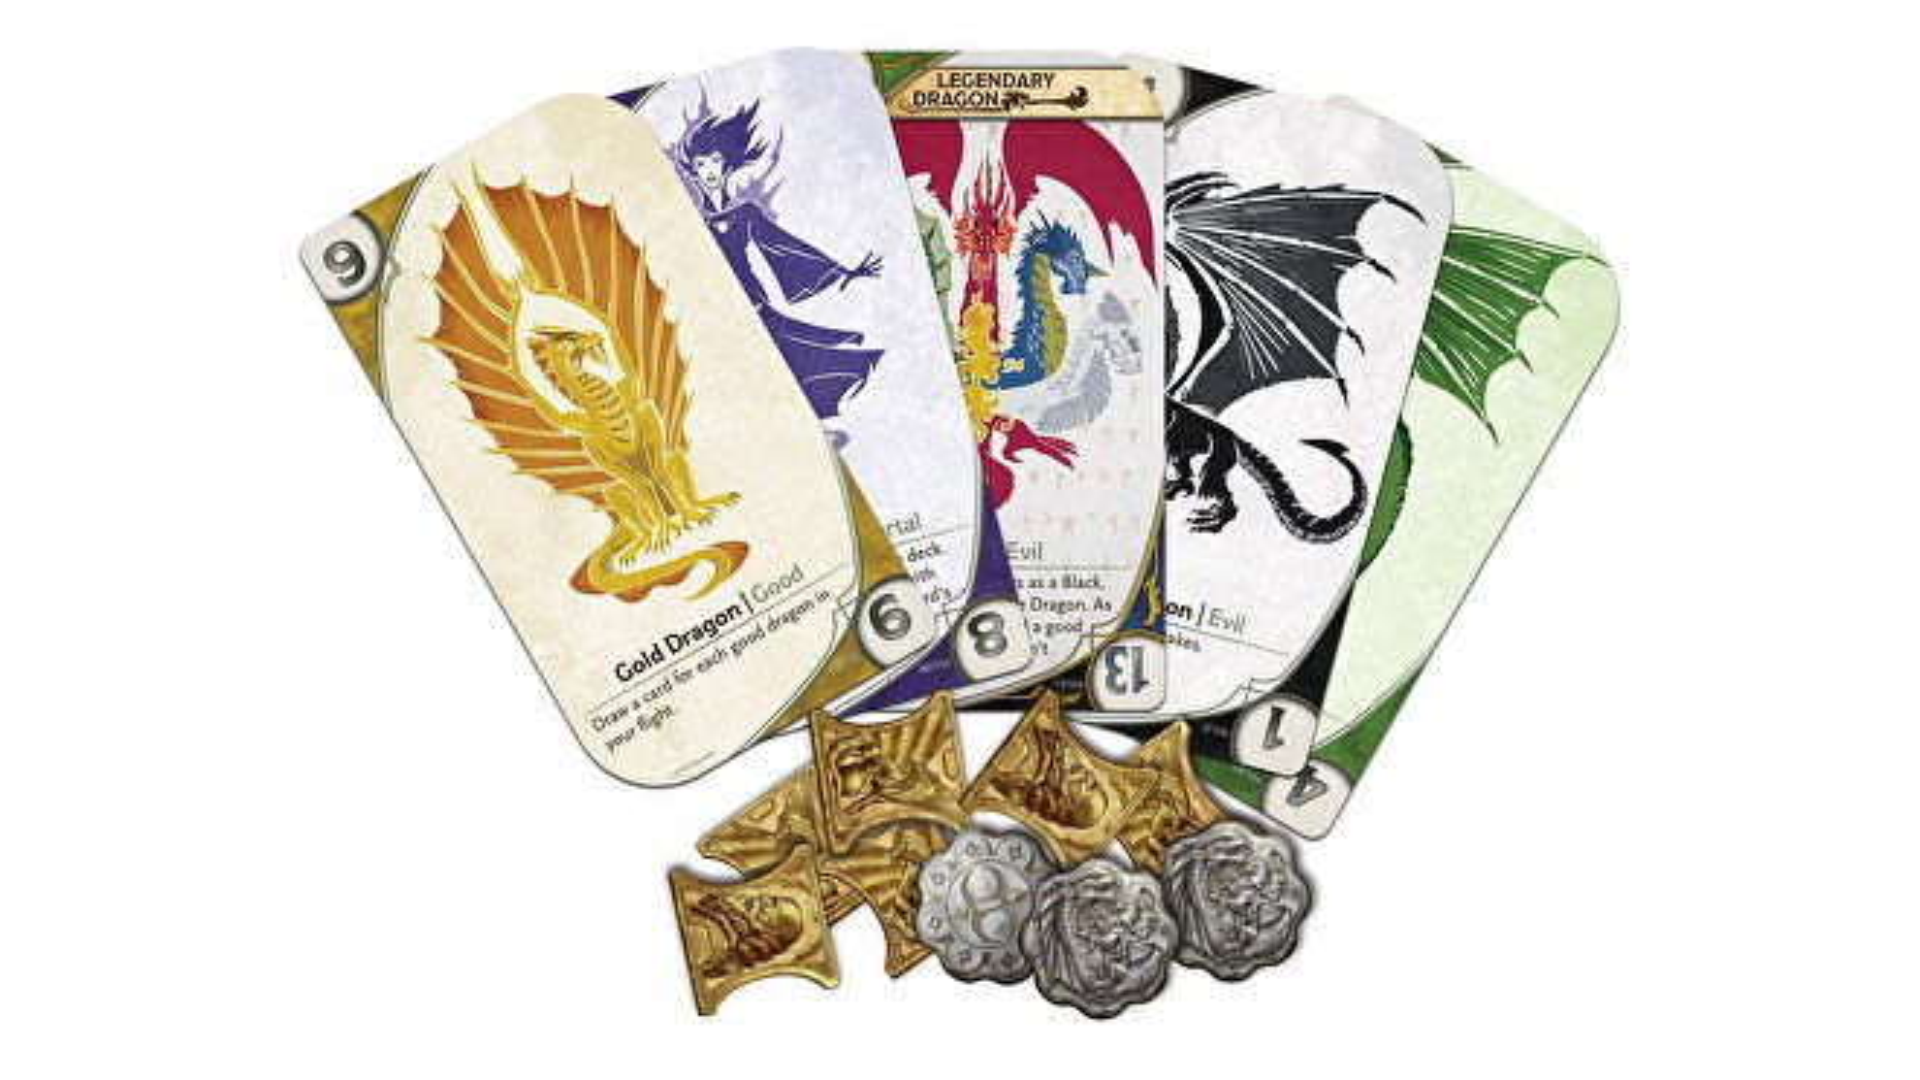 Three-Dragon Ante: Legendary Edition board game card fan